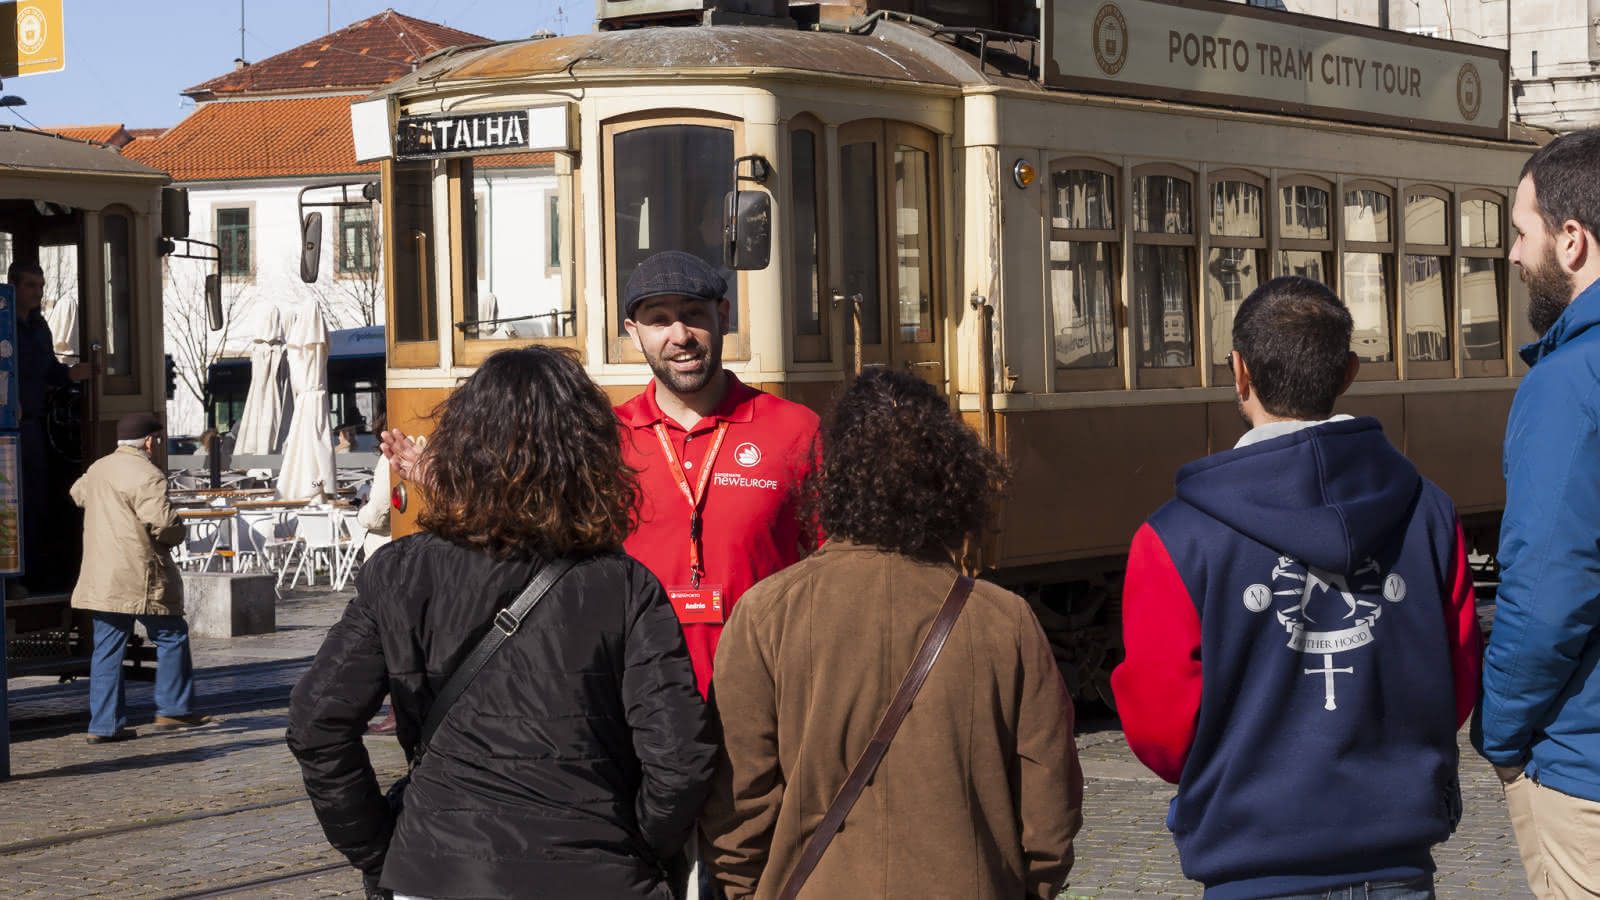 andres Porto